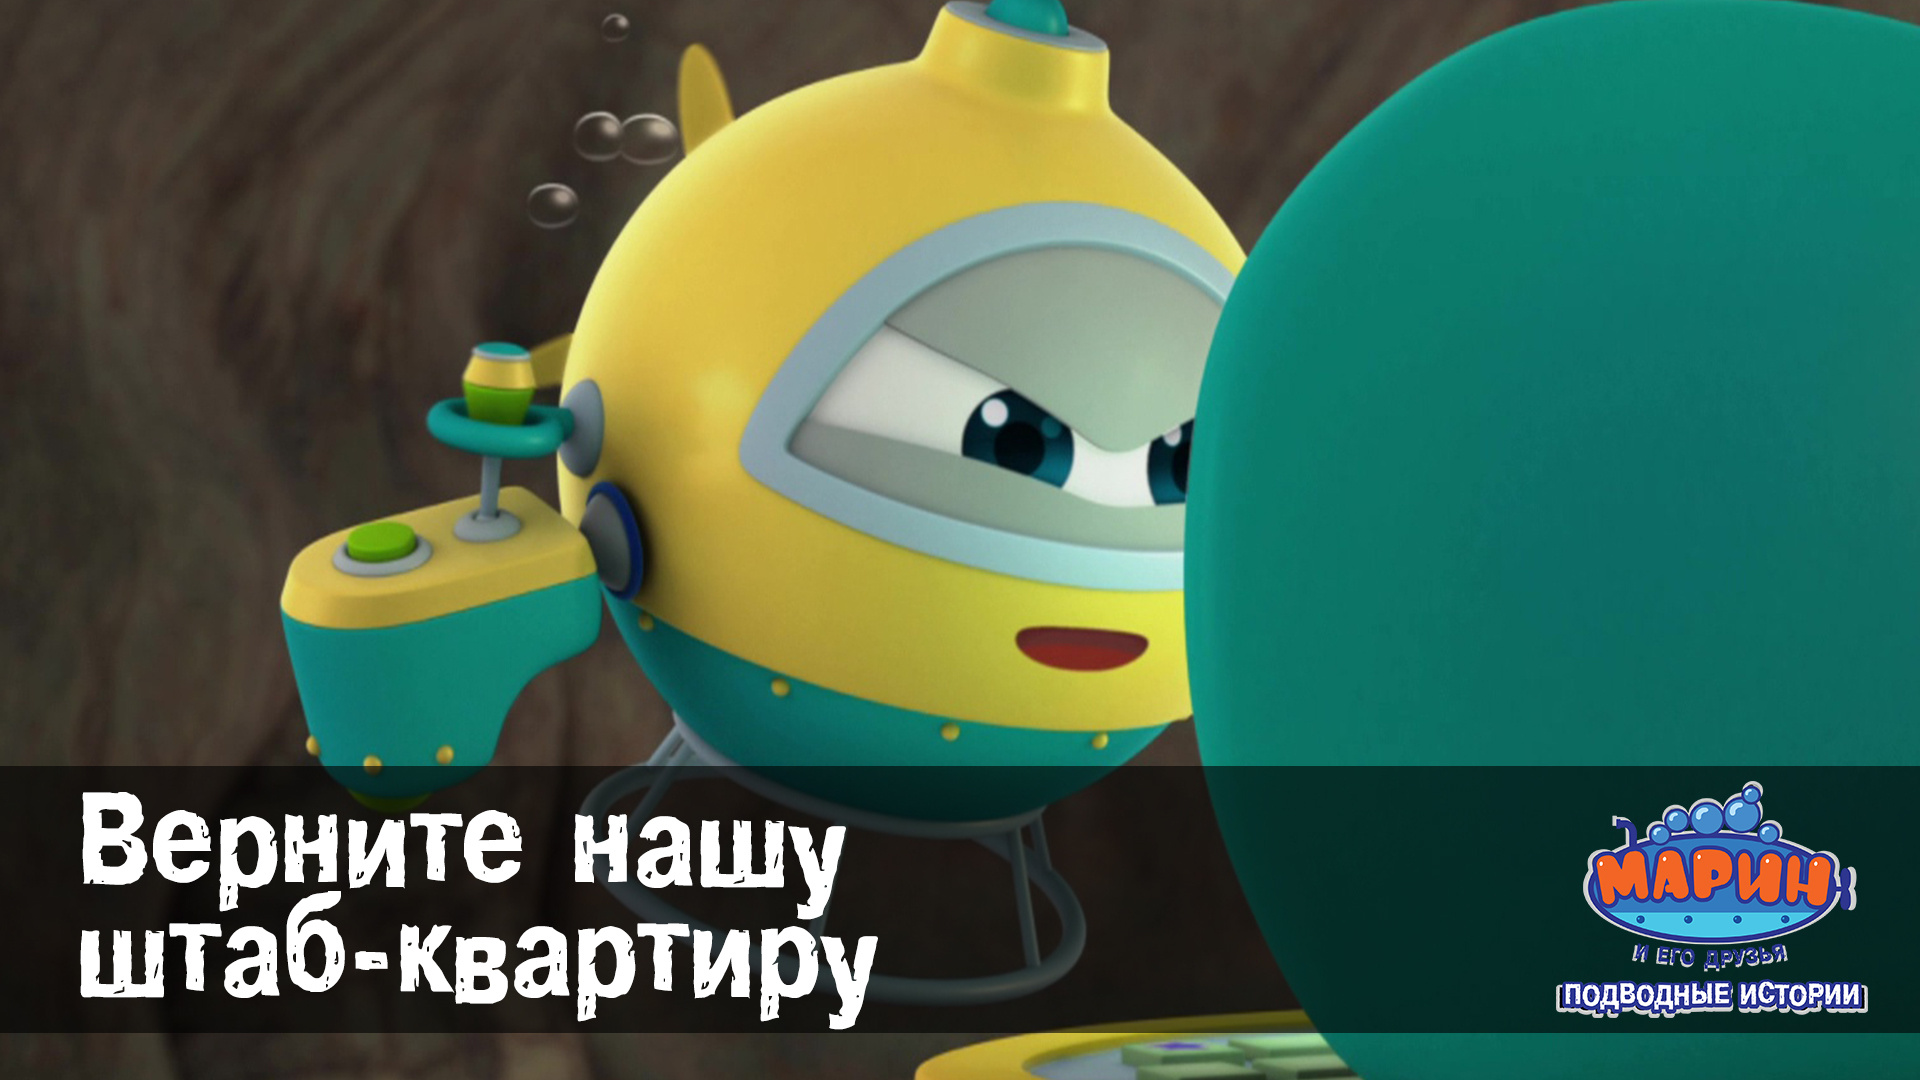 Марин и его друзья. Подводные истории / Верните нашу штаб-квартиру